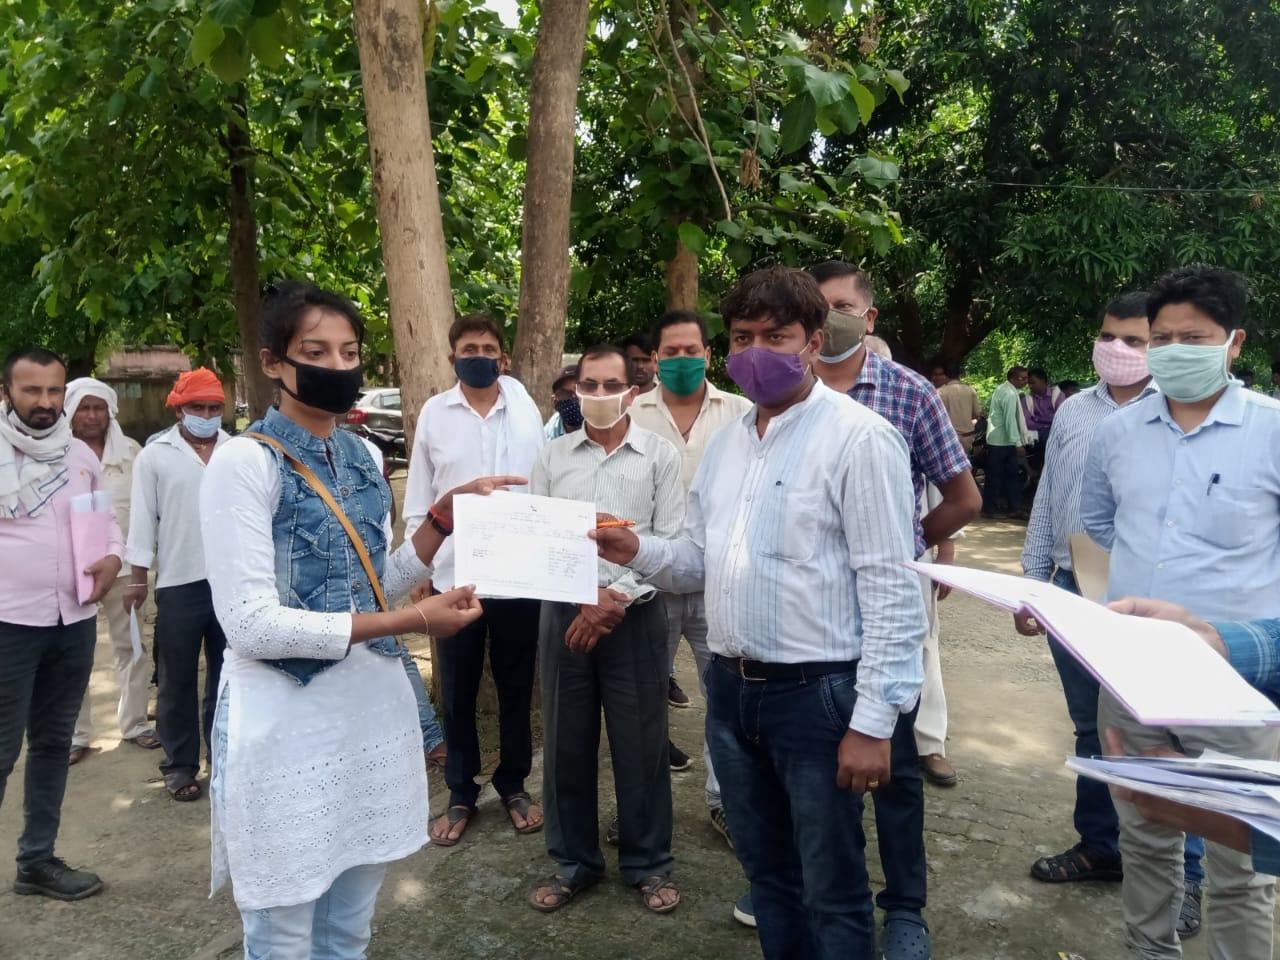 गोरखपुर में एक पंचायत को छोड़ खाली पड़ी सभी पंचायतों के गठन का रास्ता साफ, इसी सप्ताह दिलाई जाएगी शपथ गोरखपुर,Gorakhpur - Dainik Bhaskar